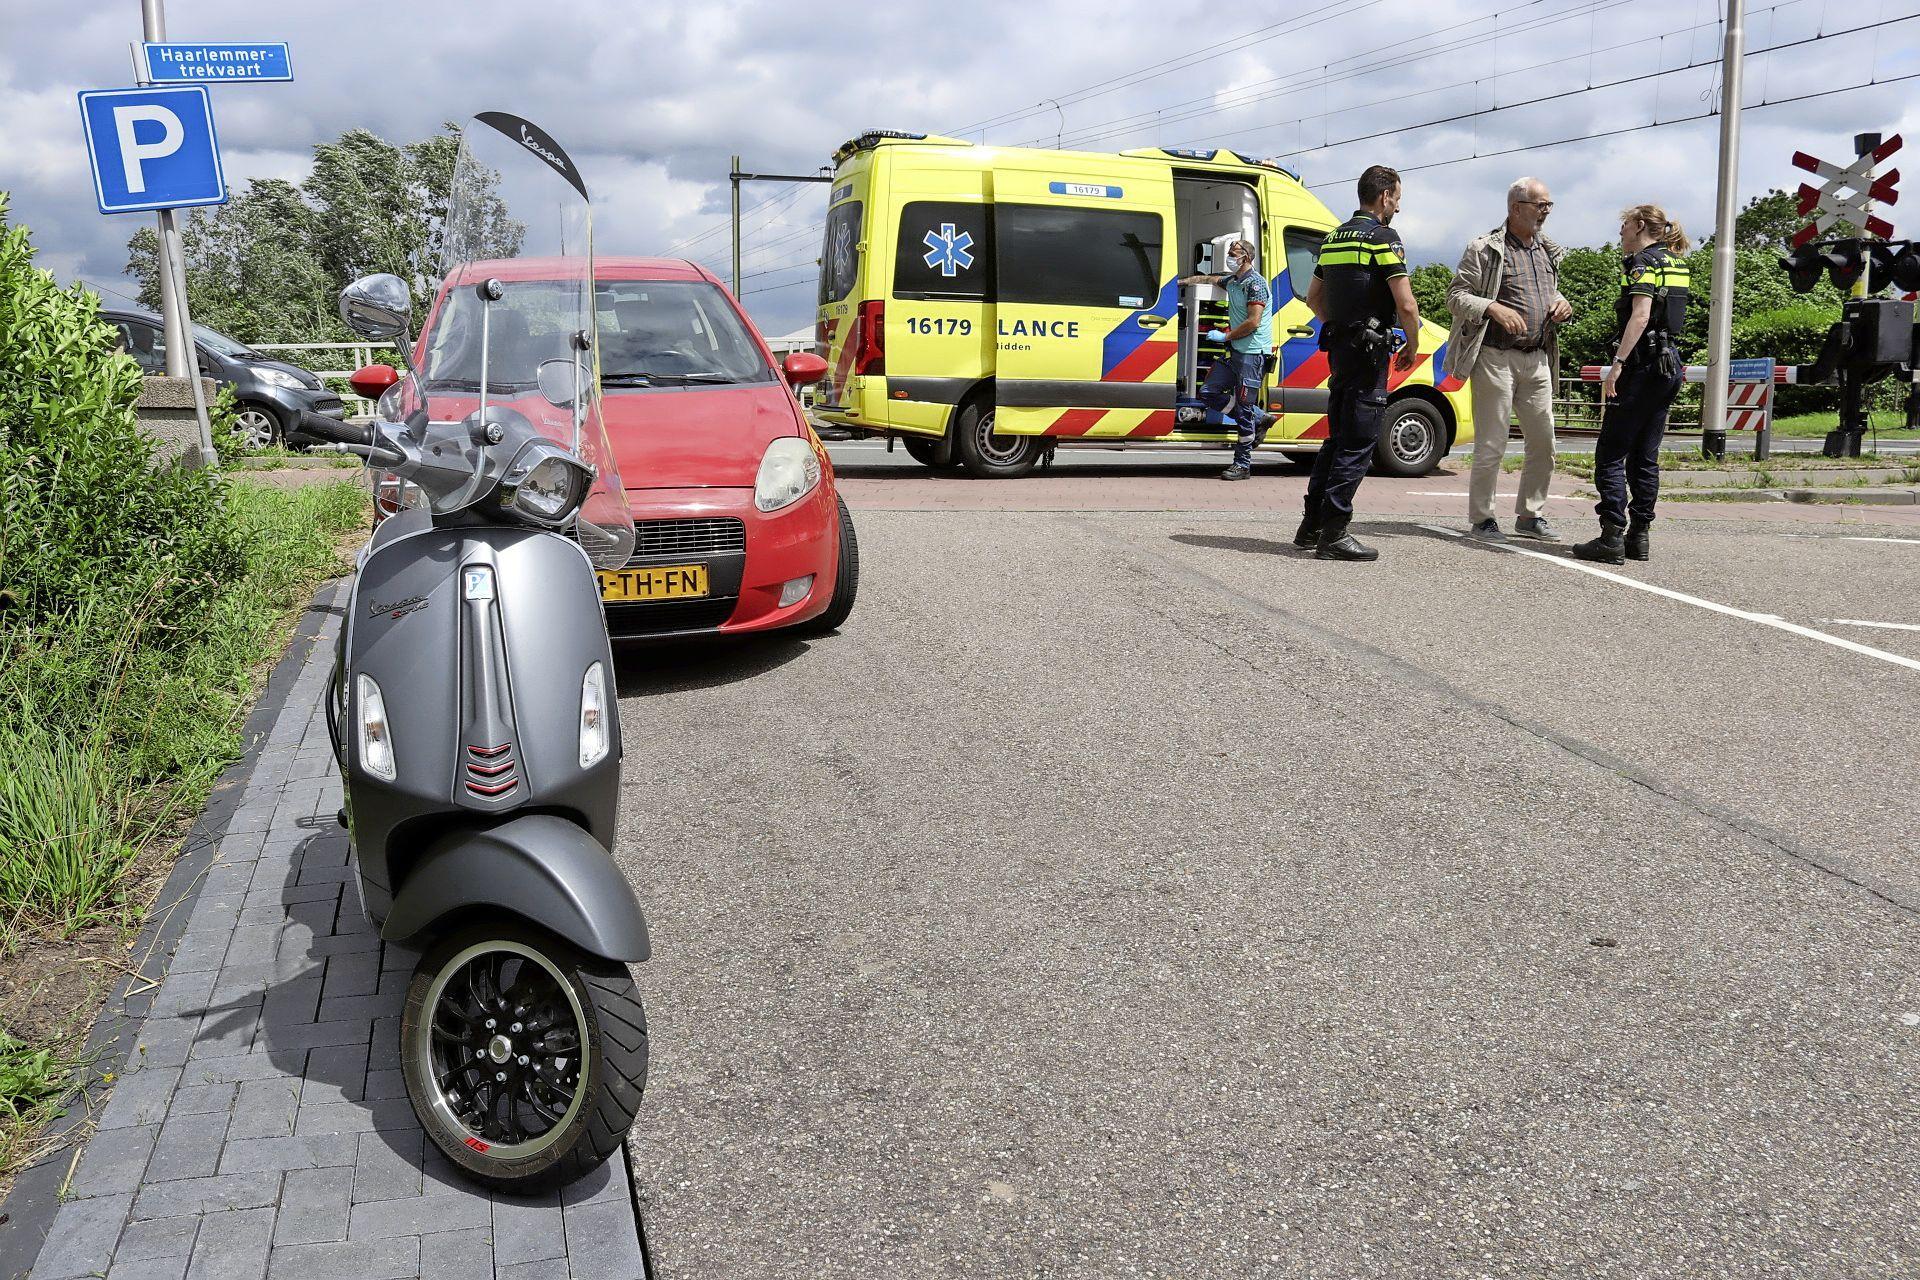 Scooterrijder ernstig gewond bij ongeval in Noordwijkerhout: slachtoffer komt met hoofd op vluchtheuvel terecht